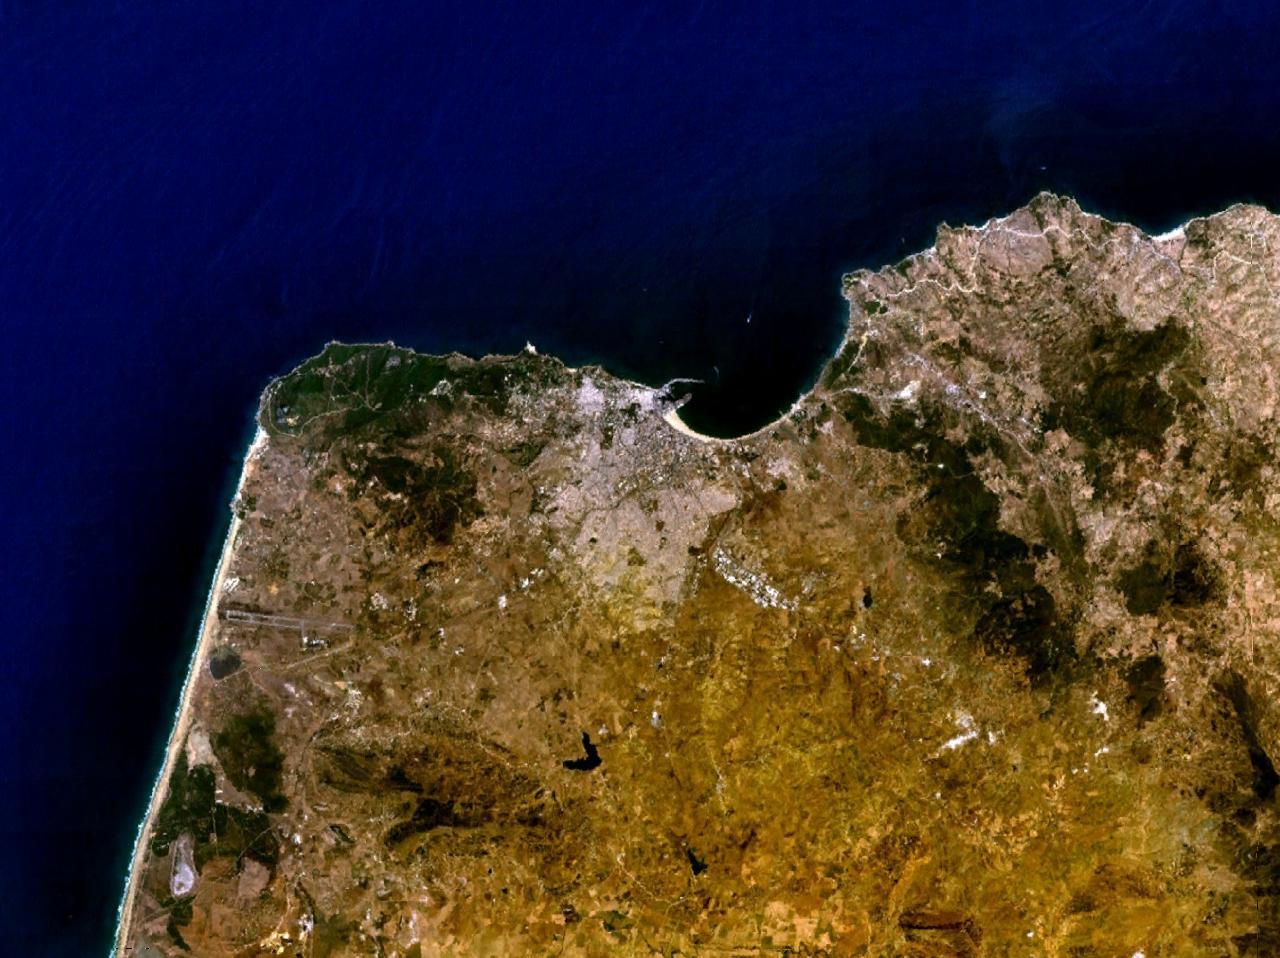 ألبوم صور المغرب (شامل لكل مناطقها Tanger_5.81290W_35.76619N.jpg